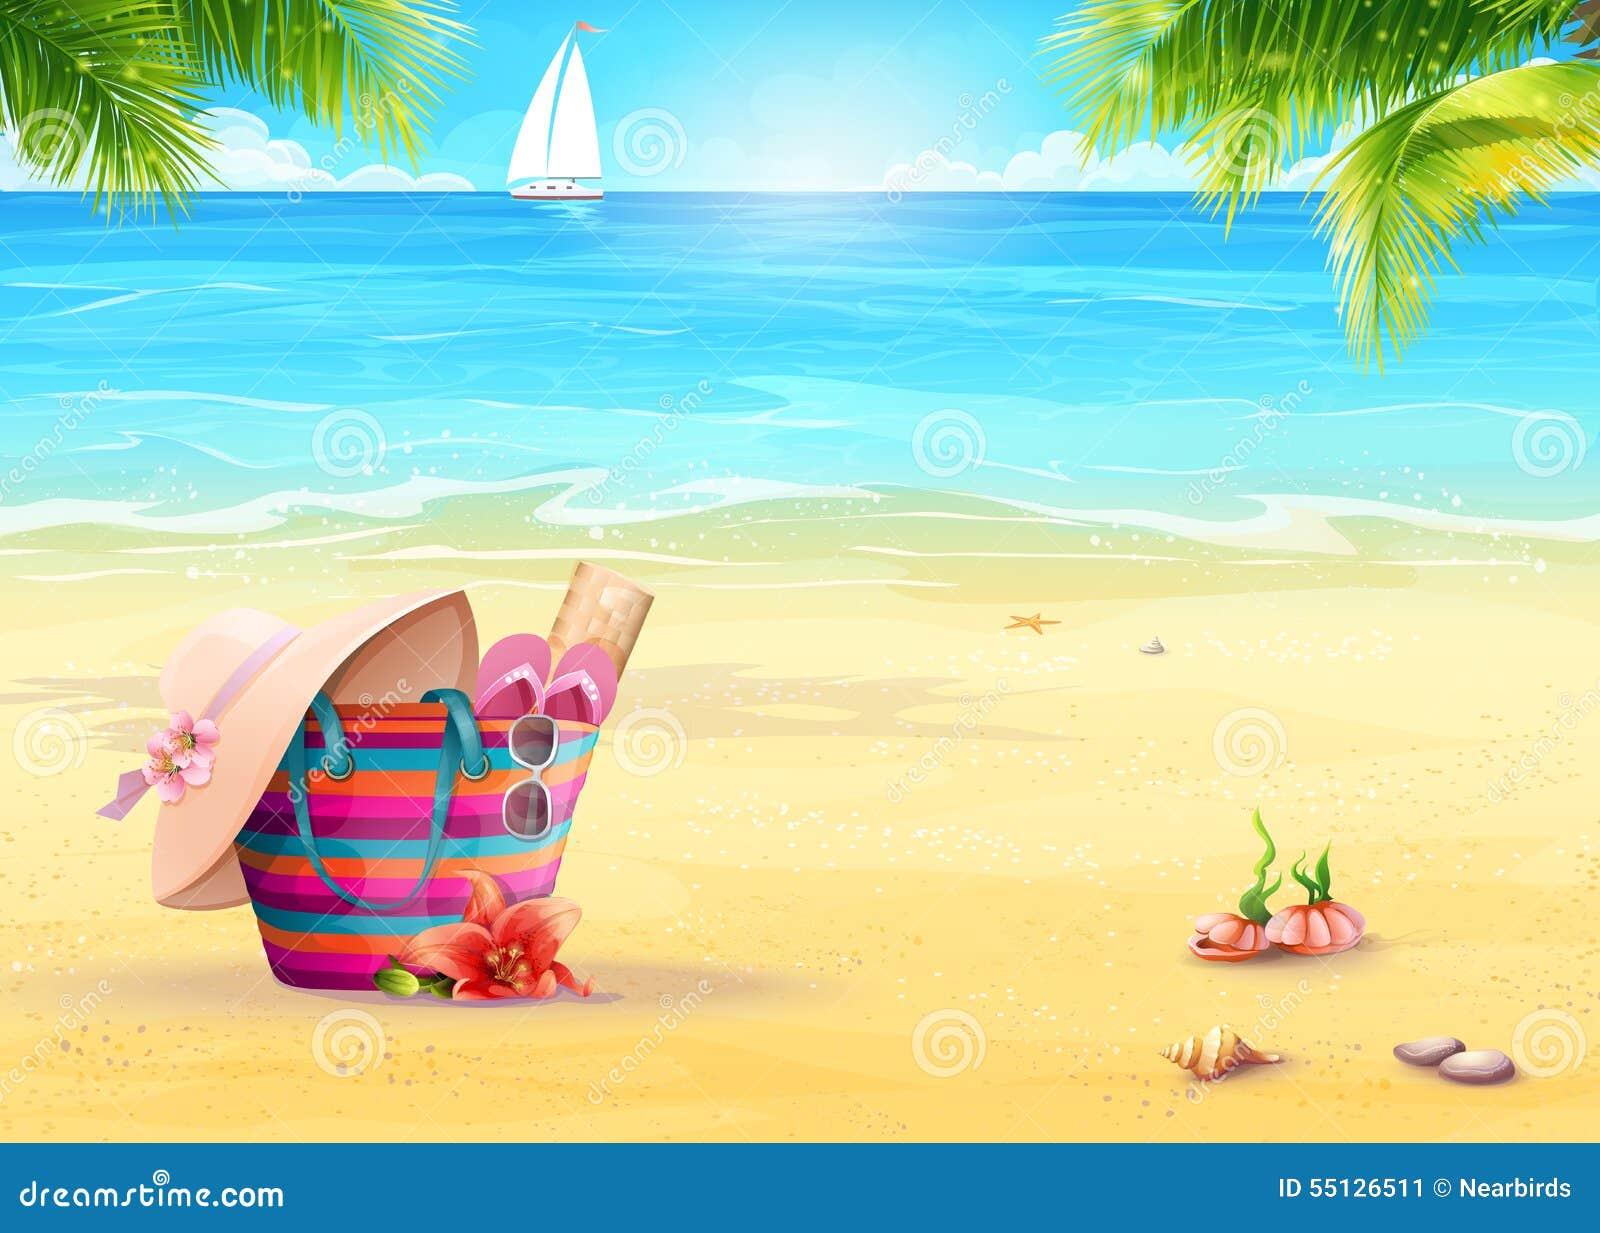 Illustrazione di estate con una borsa della spiaggia nella - Immagini di spongebob e sabbia ...